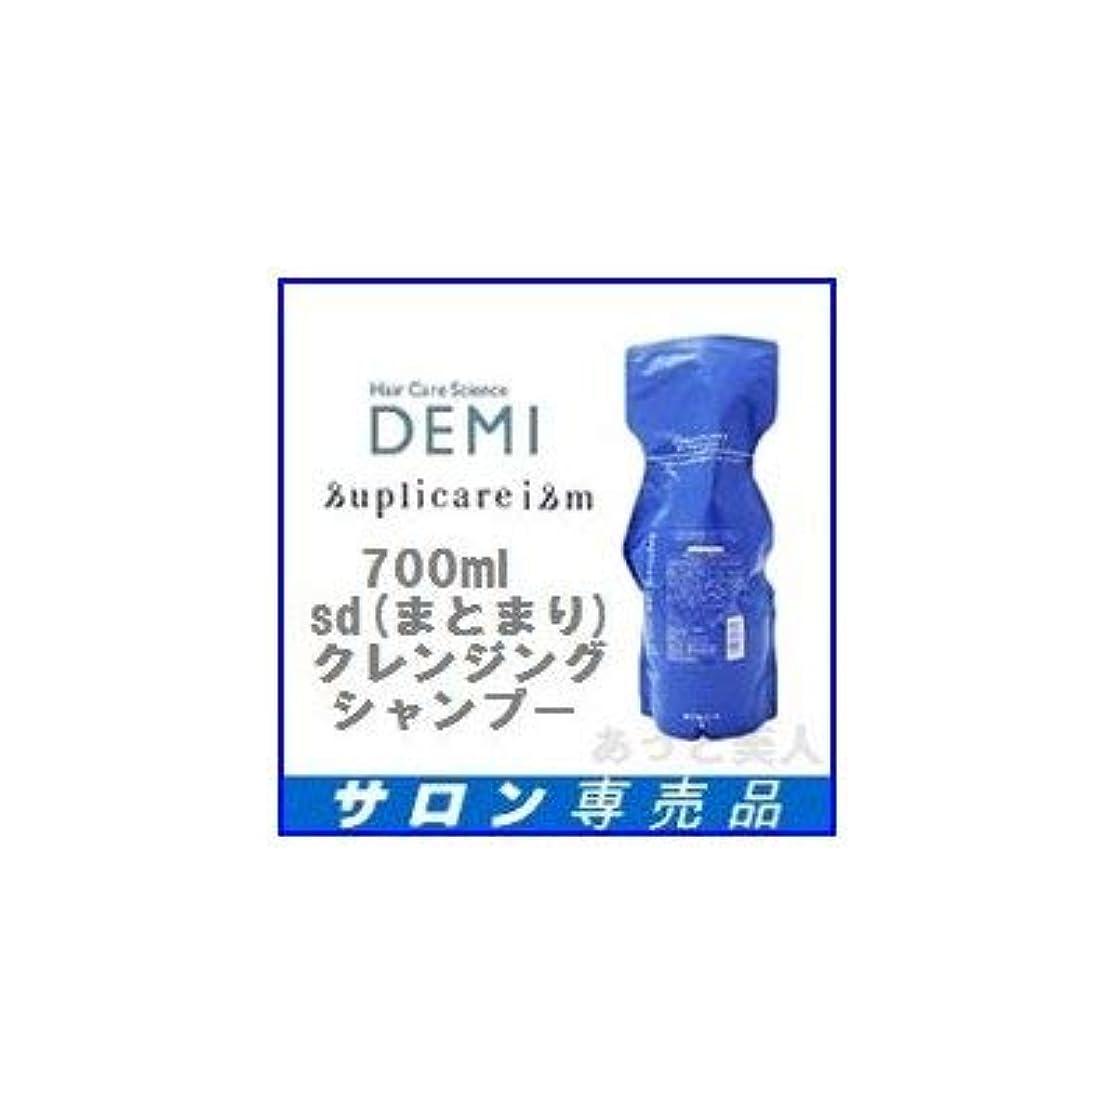 削減不機嫌そうな手錠デミ サプリケアイズム クレンジング sd シャンプー 700ml (しっとり?まとまりタイプ)